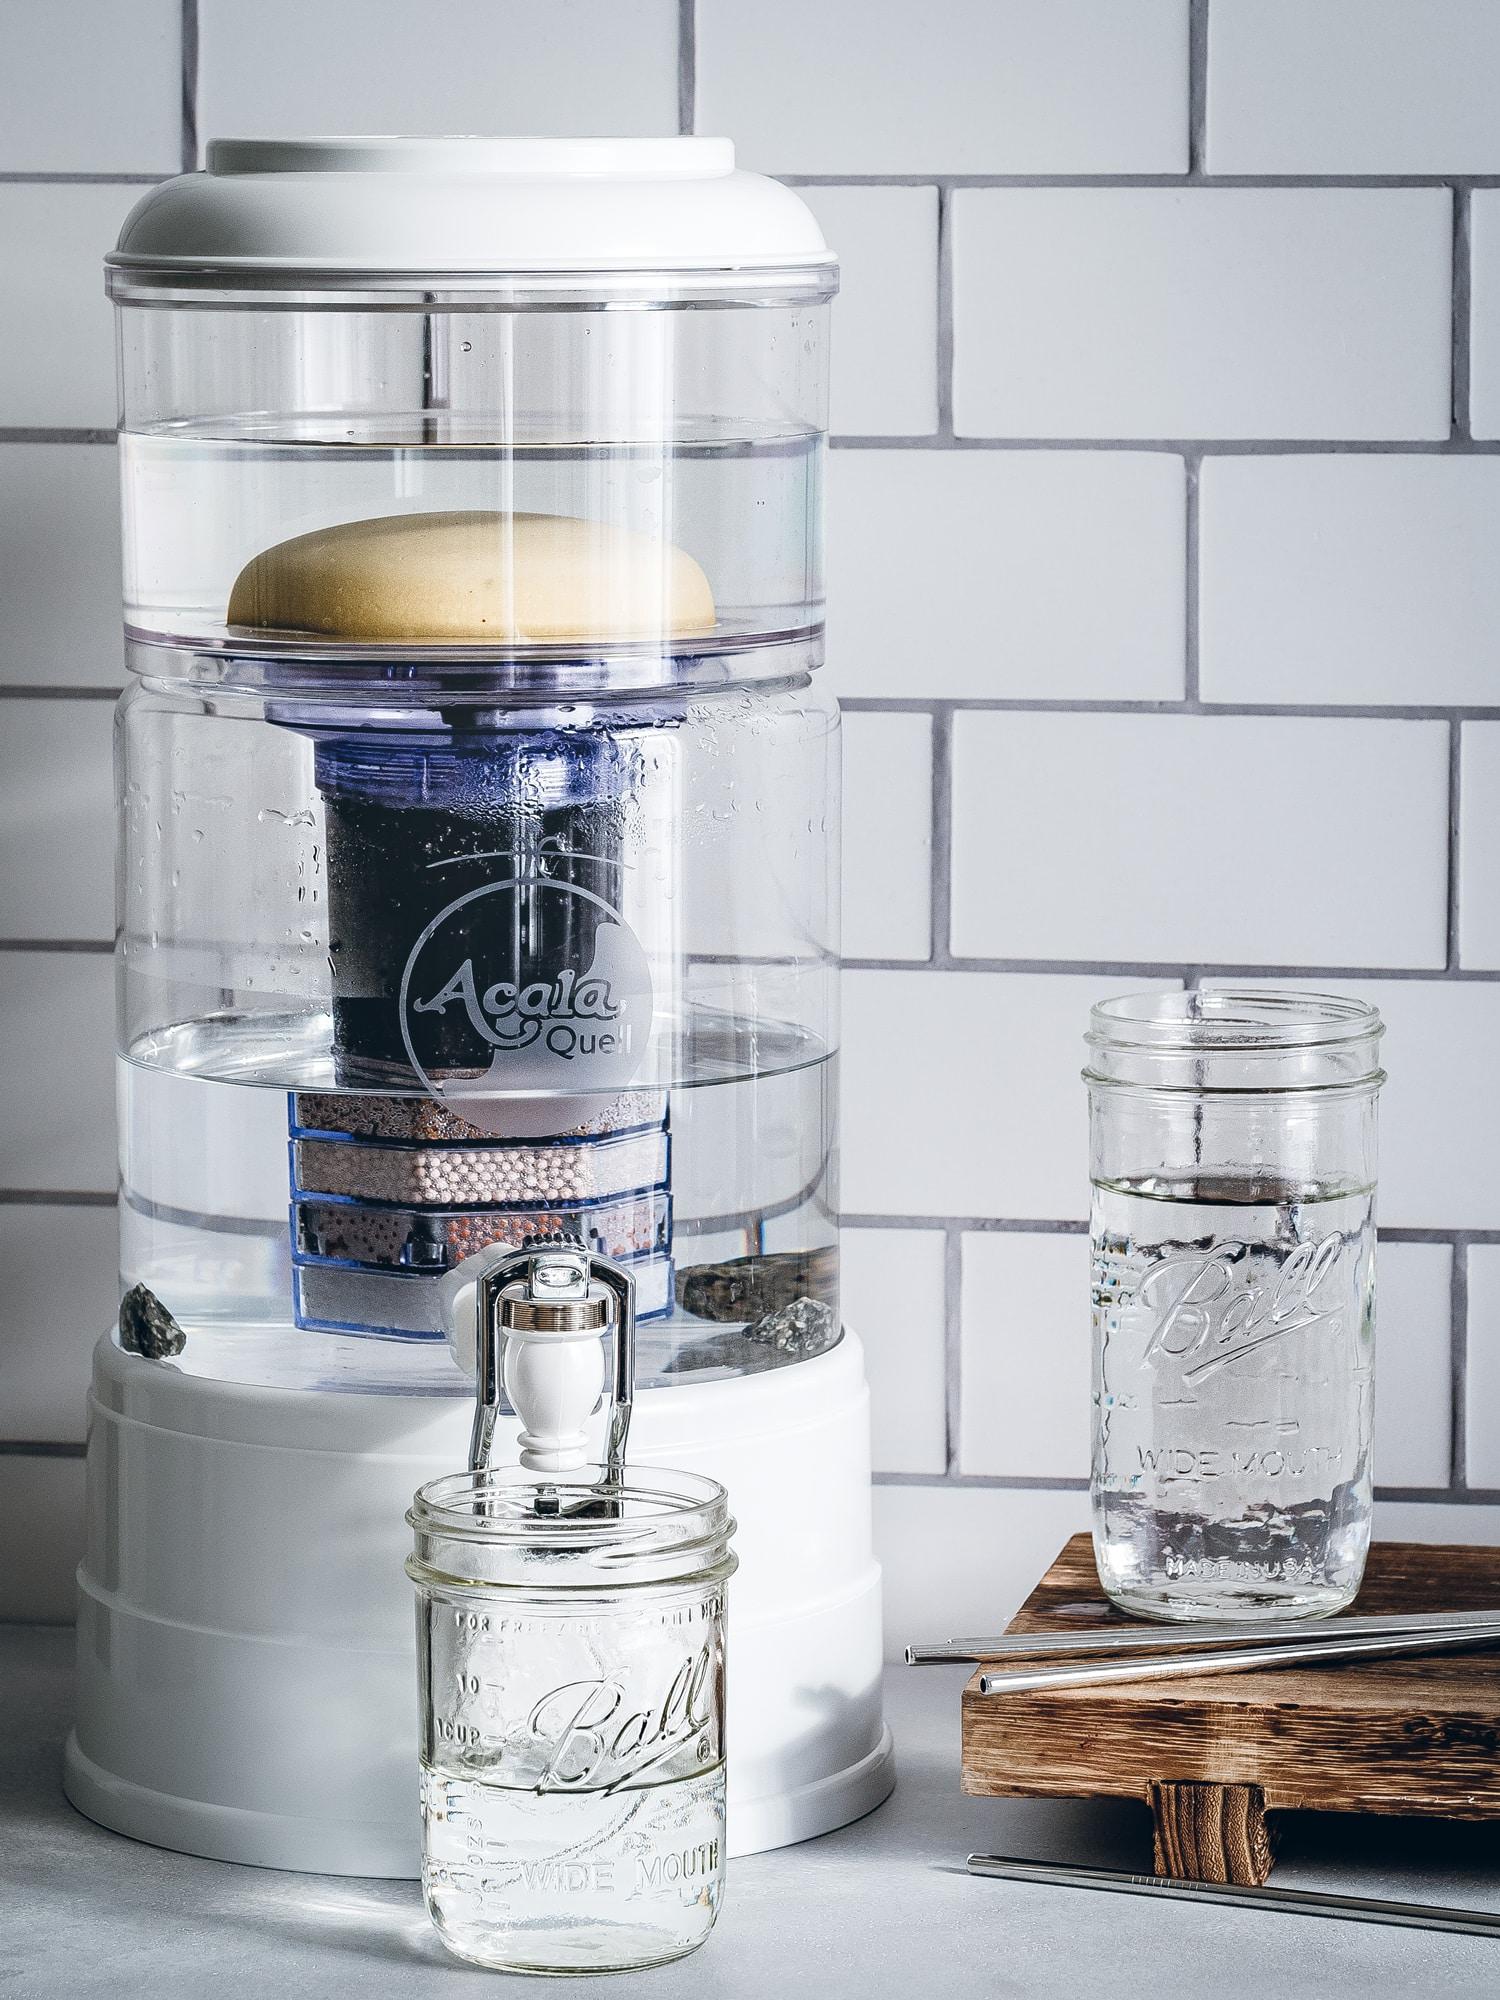 Acala Wasserfilter im Ganzen